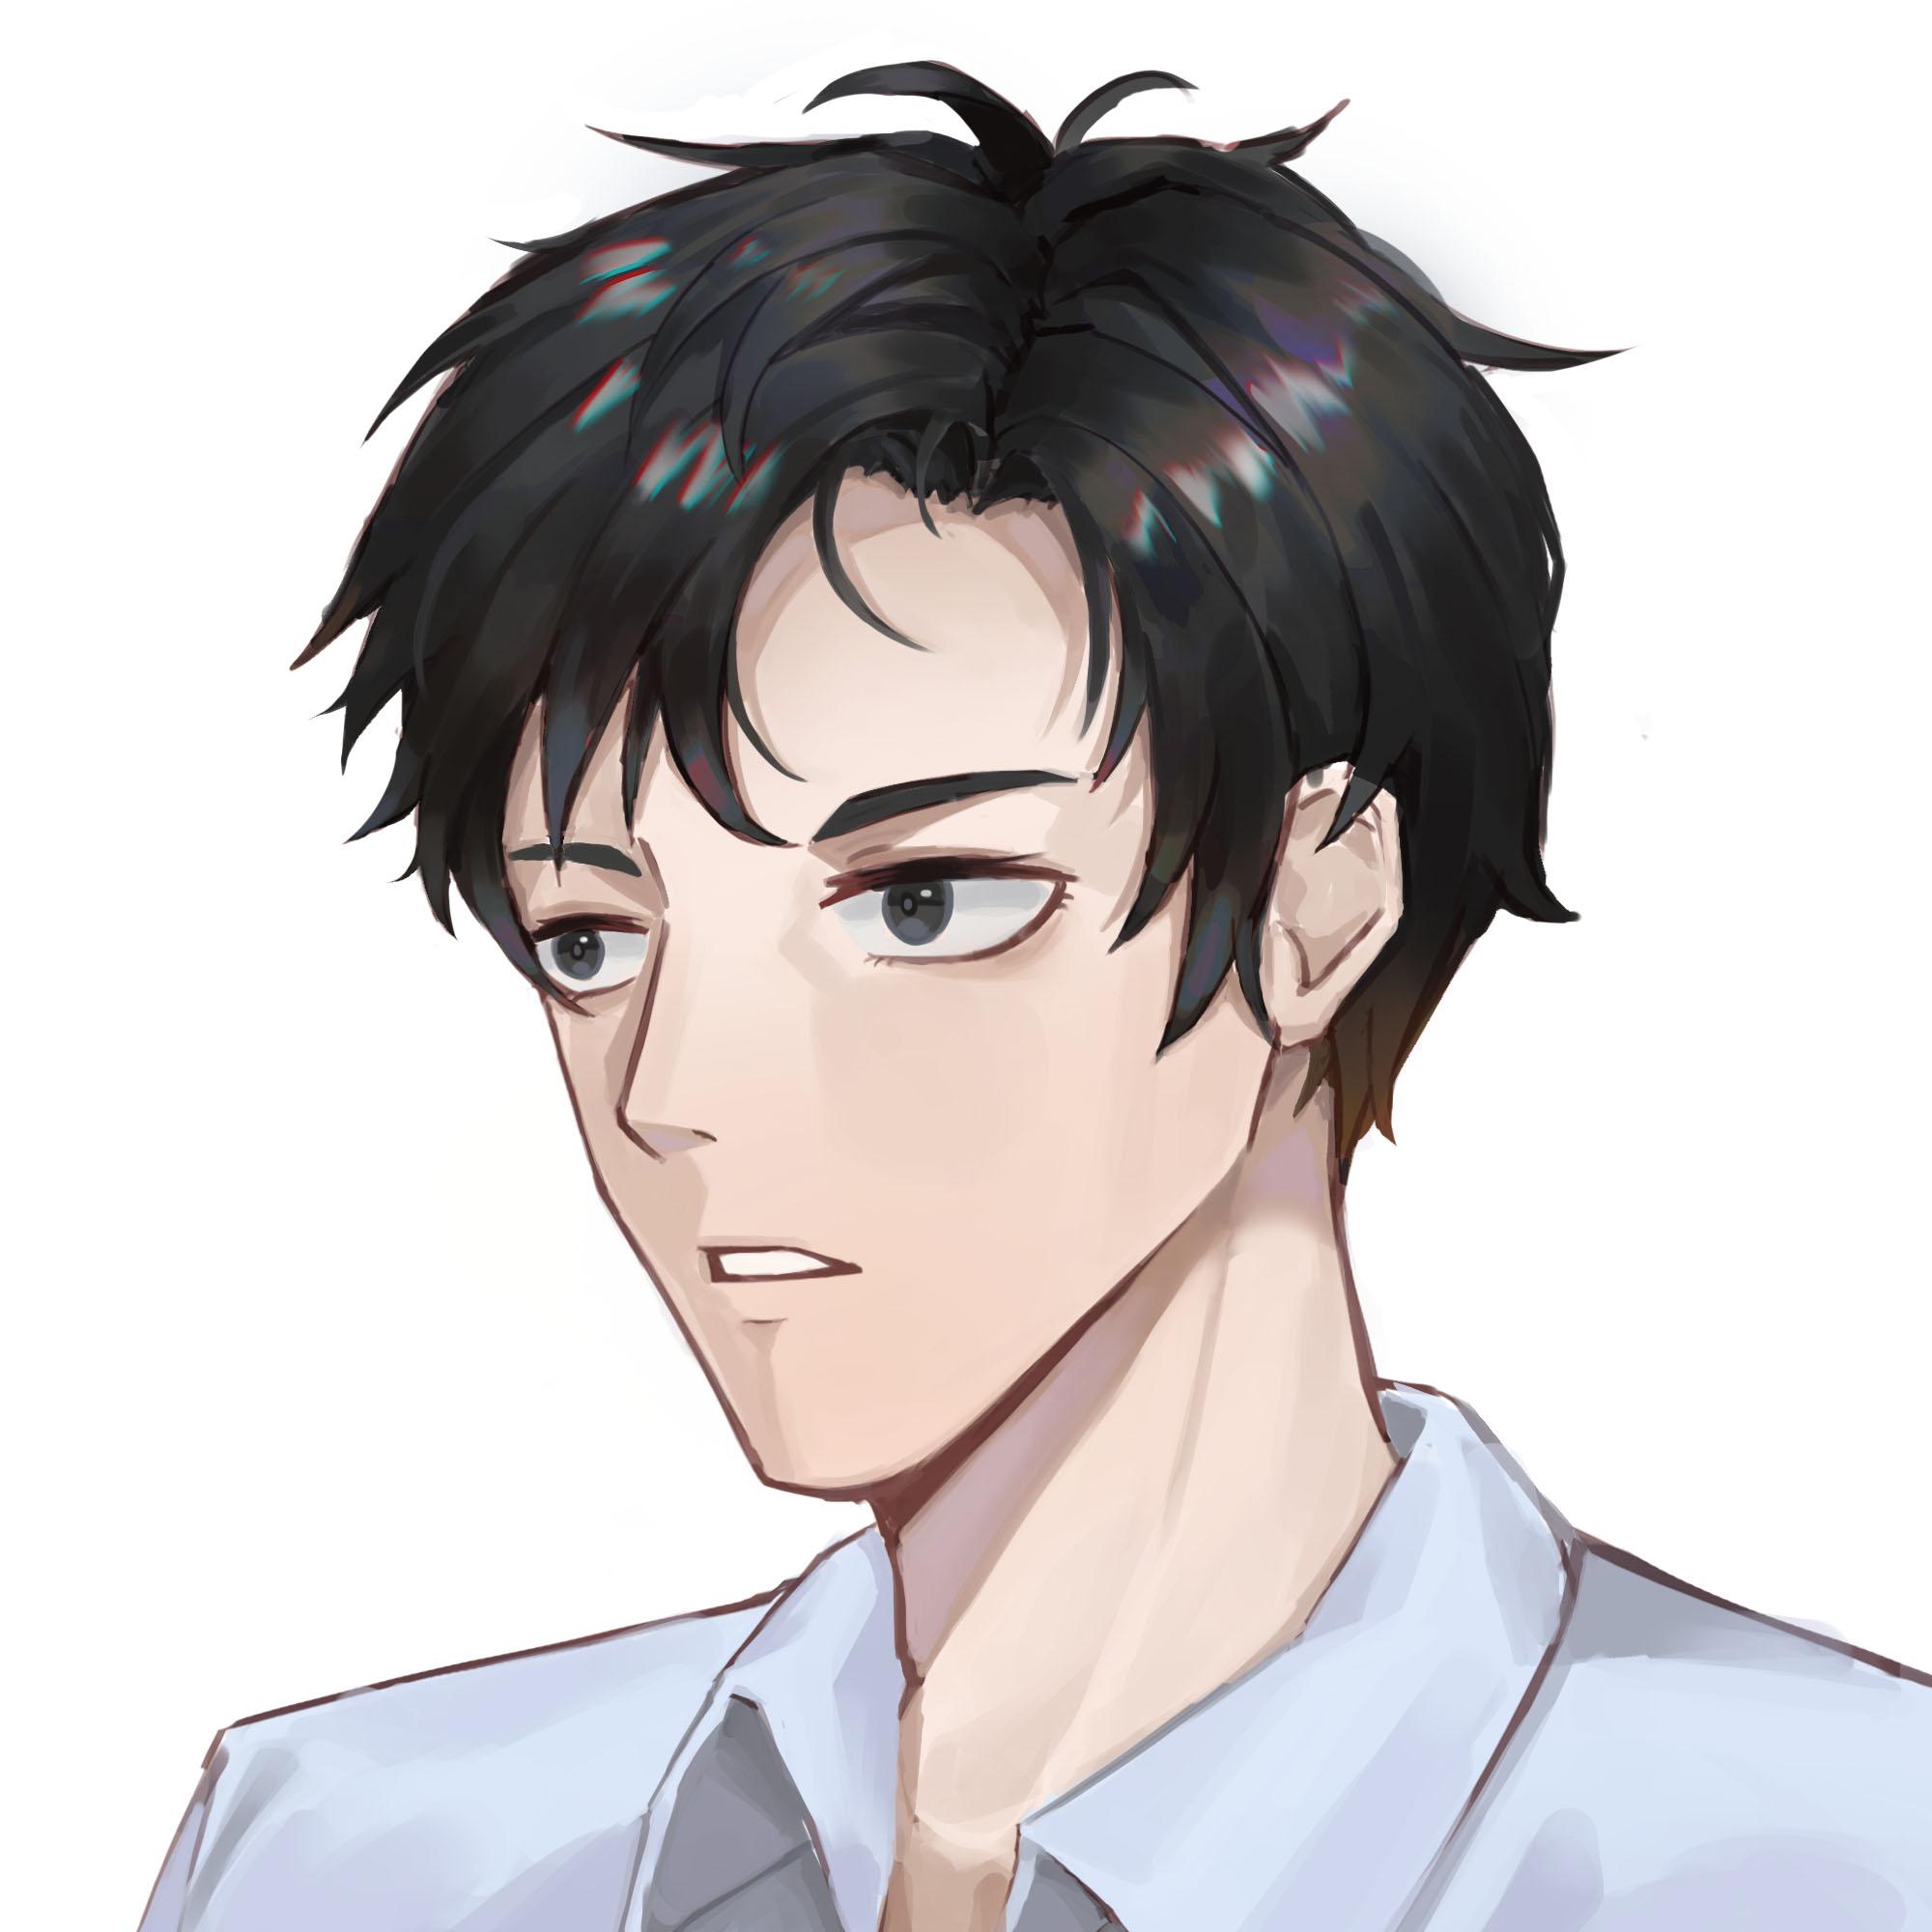 《长恨歌》剧本杀资料_故事背景_角色简介_玩家点评_复盘解析